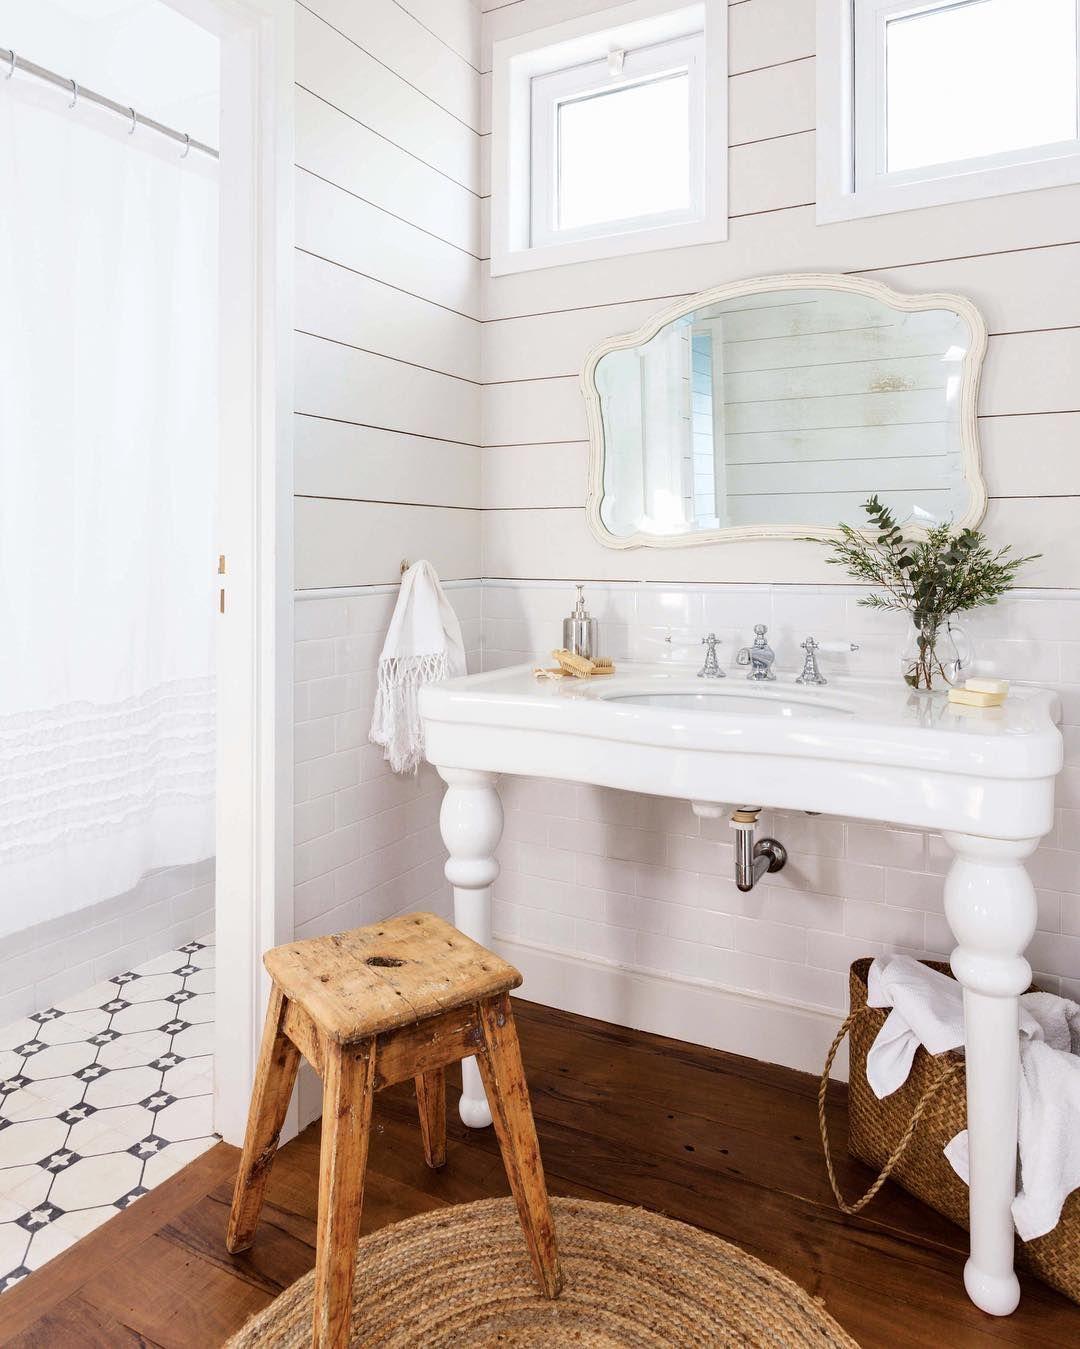 Lapacho + calcáreos + lavatorio de estilo clásico = baño ...